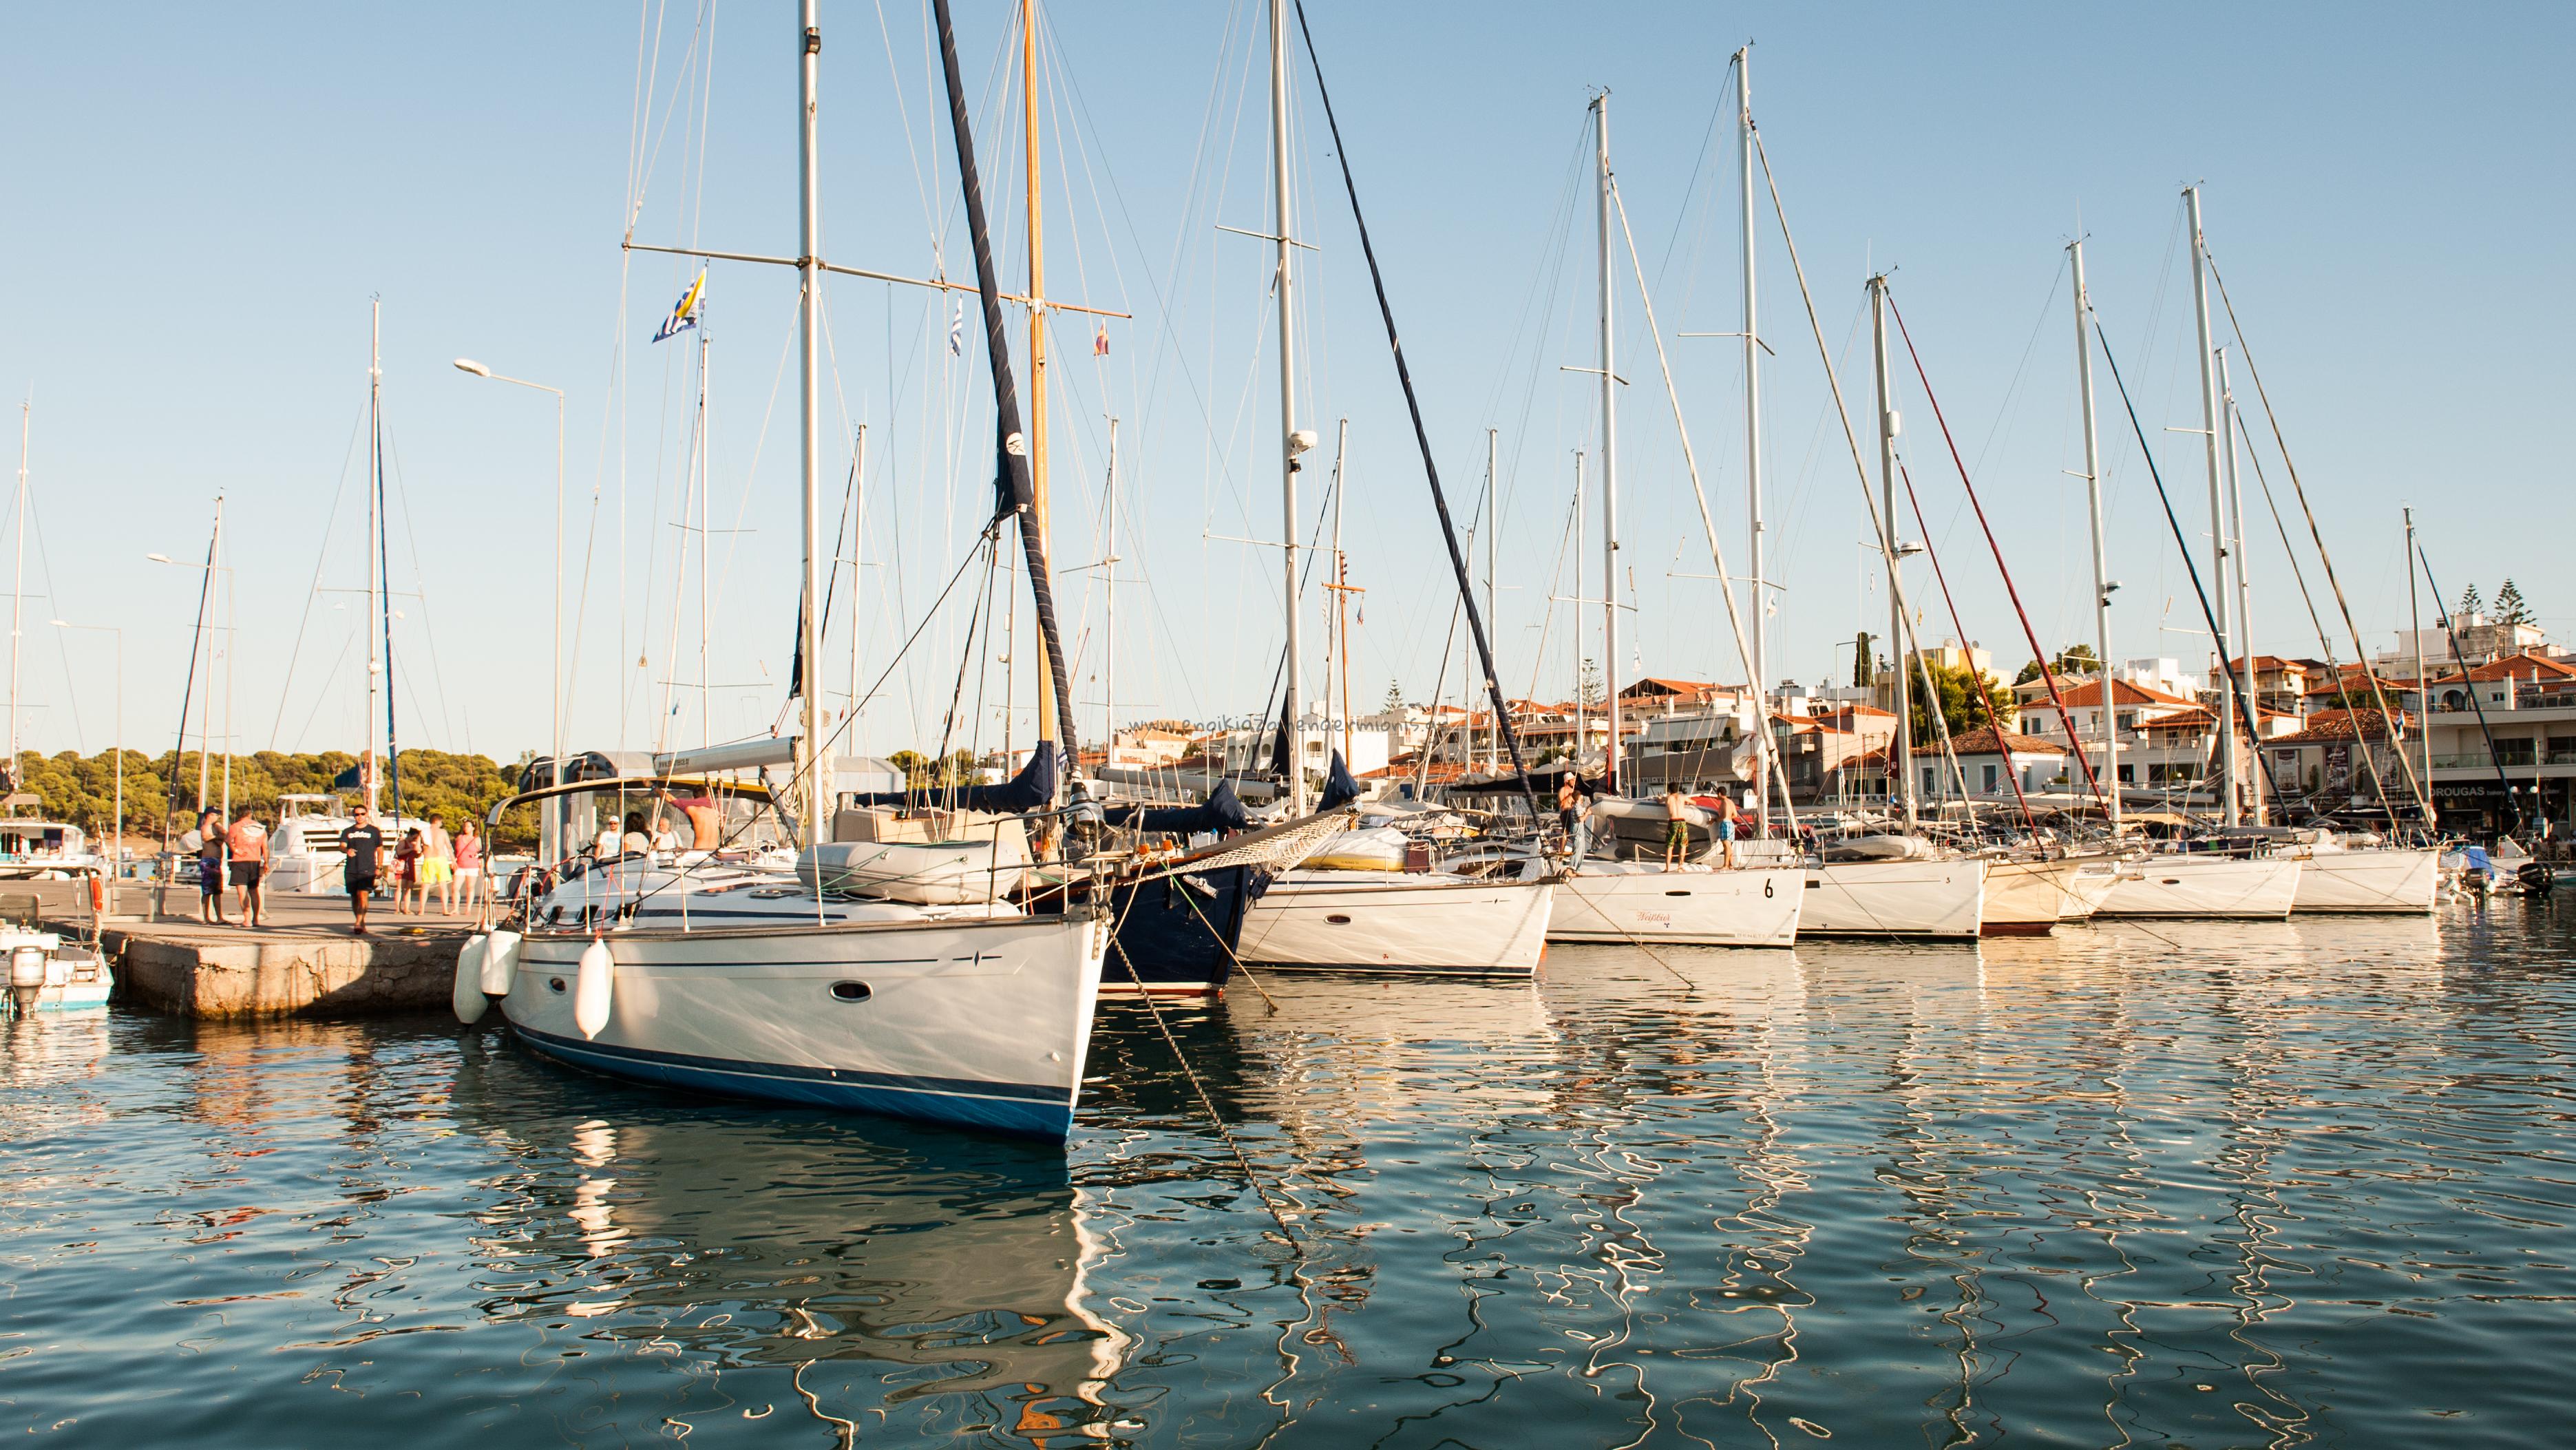 Δεμένα Ιστιοπλοϊκά στο λιμάνι της Ερμιόνης